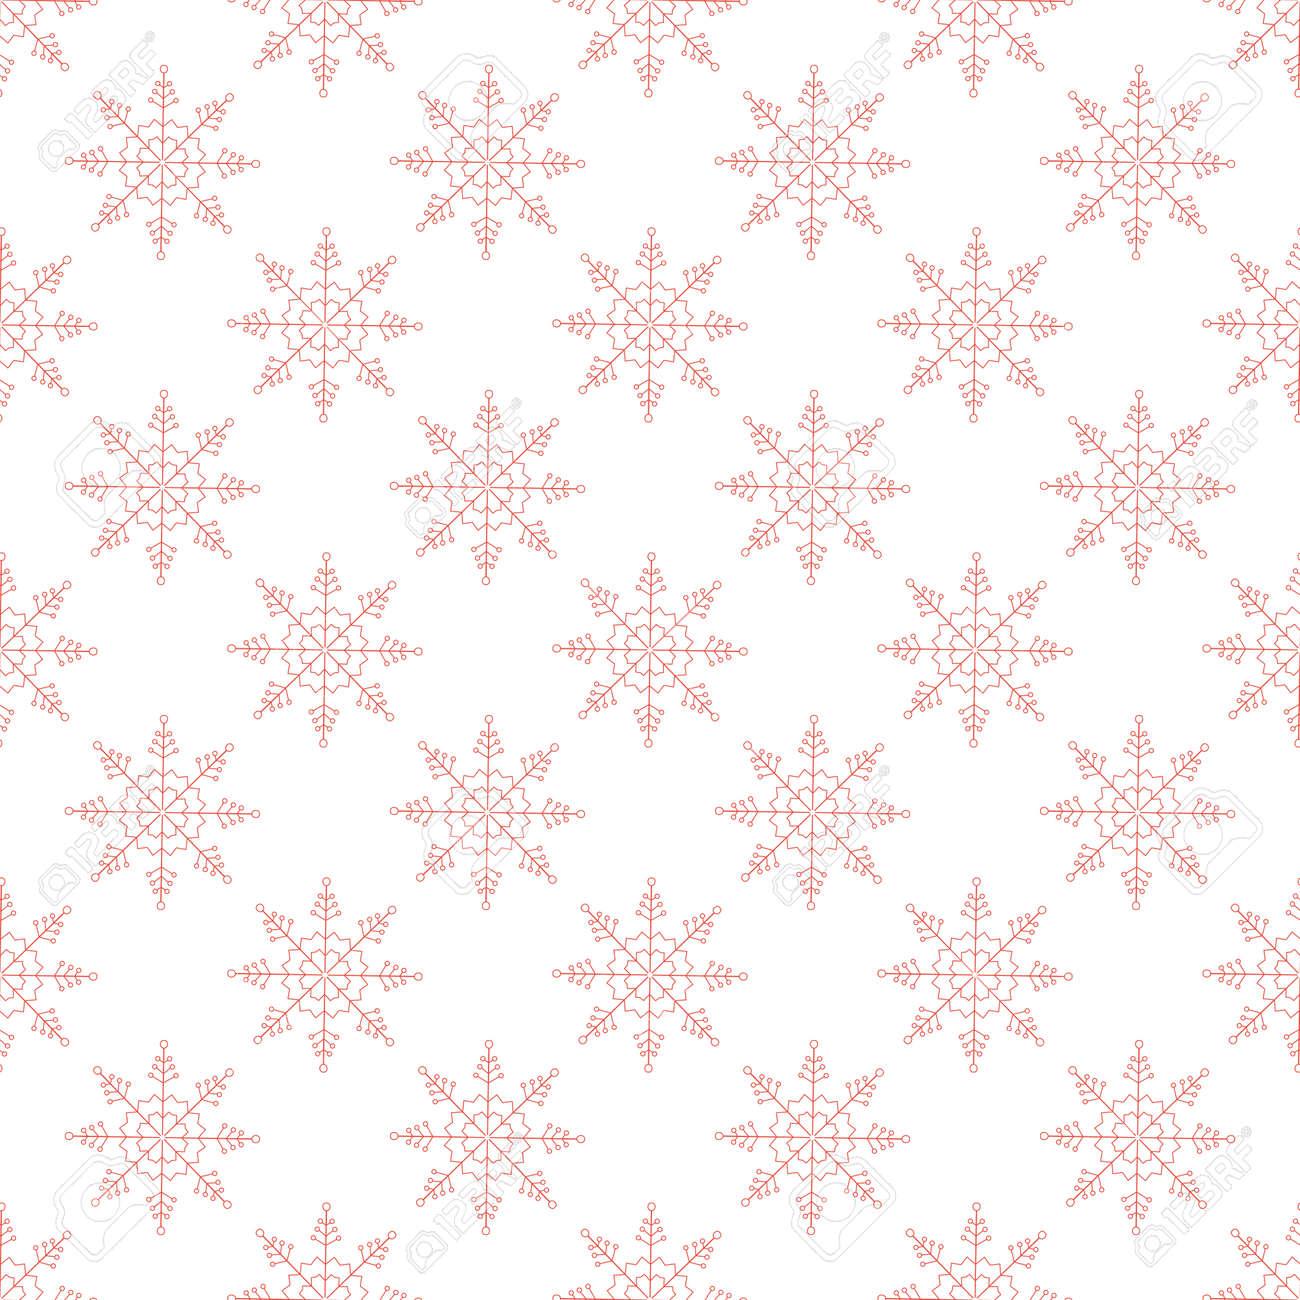 Vector Weihnachten Nahtlose Muster Für Weihnachtskarten Und ...